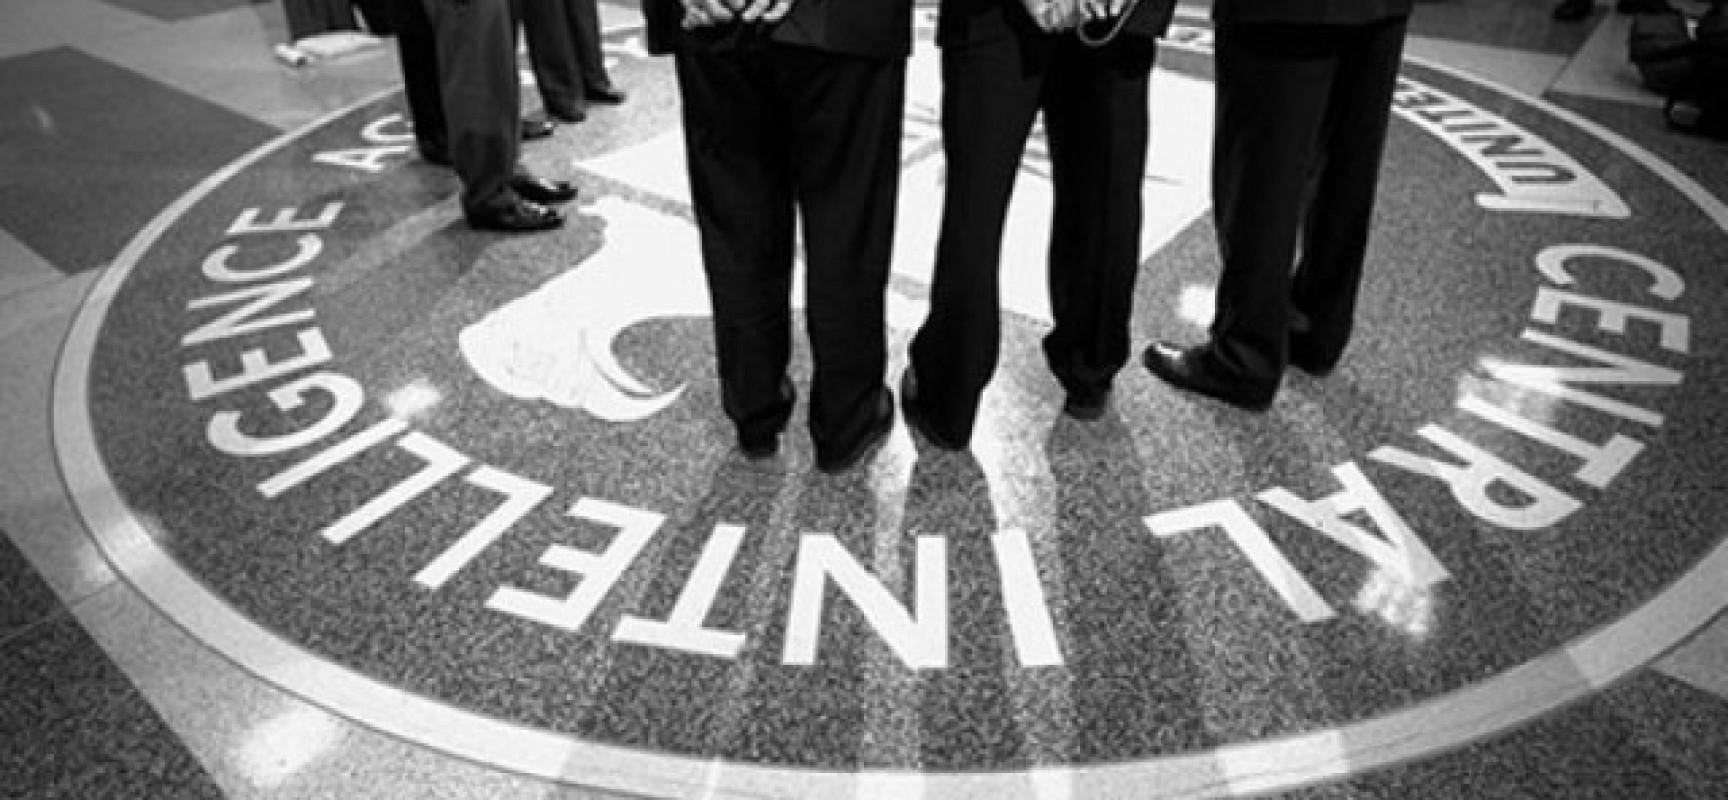 Comment la CIA a-t-elle converti le terme «théorie du complot» en une arme?